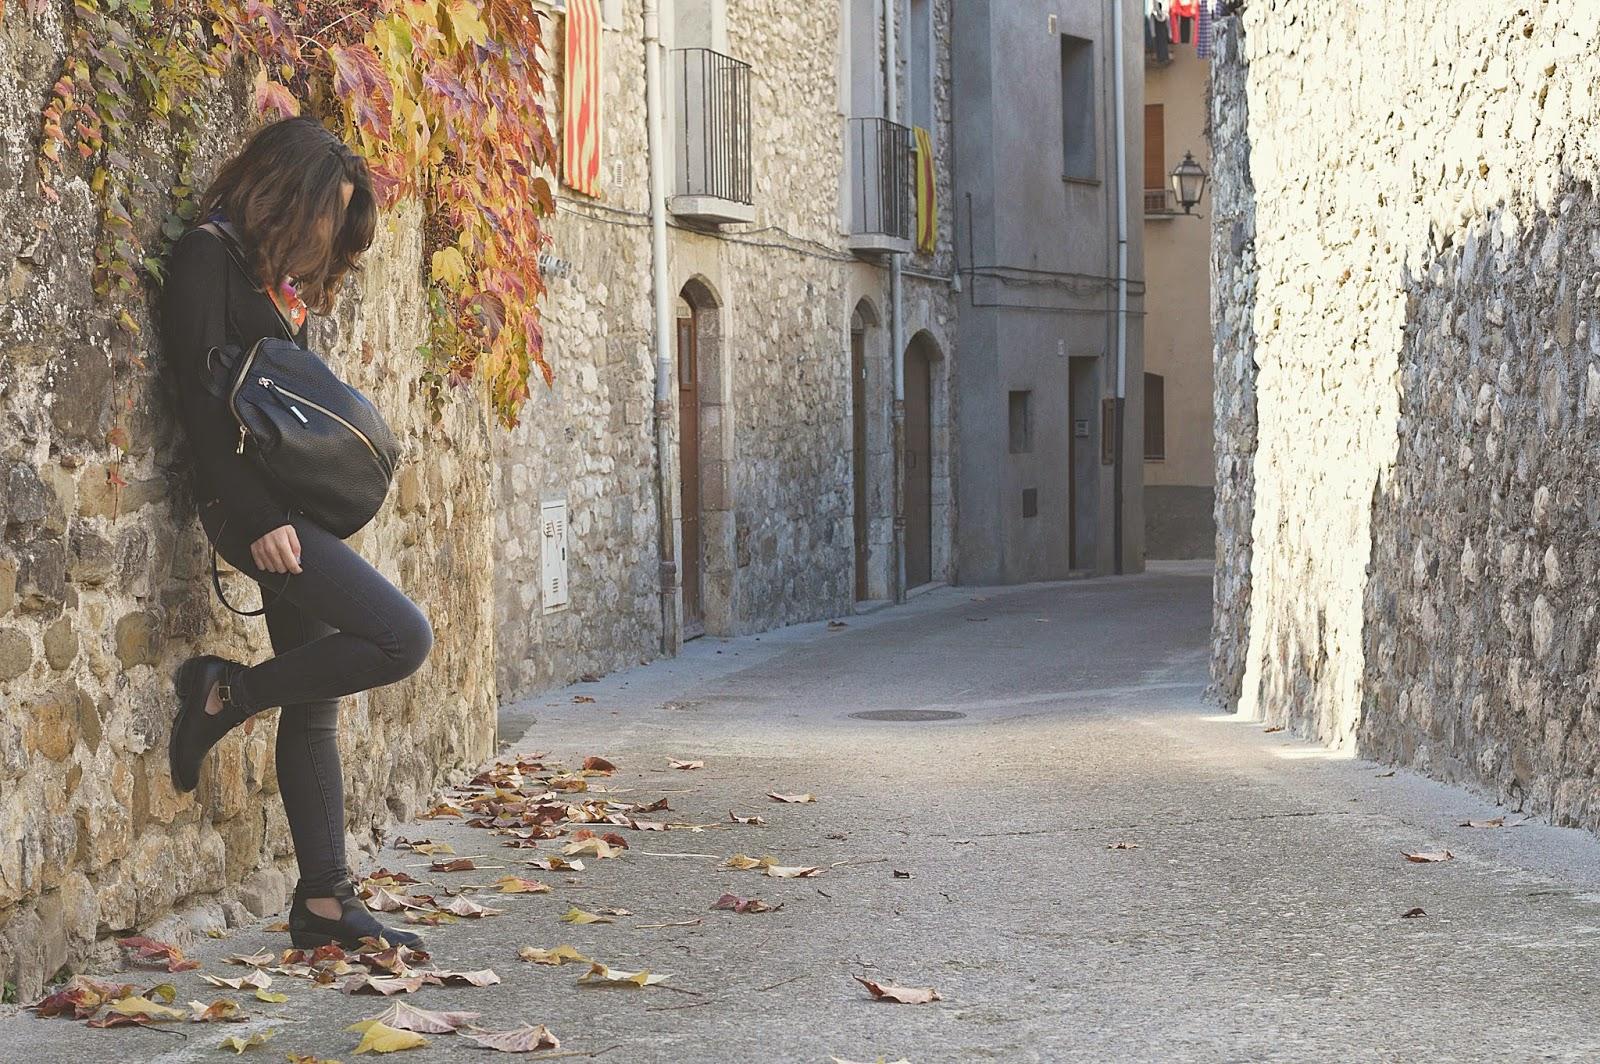 Besalú, Fageda d'en jordà, tejanos cintura alta y camiseta Mango, botines Topshop, turbante The Wandering Collective , bolso Pepe Moll